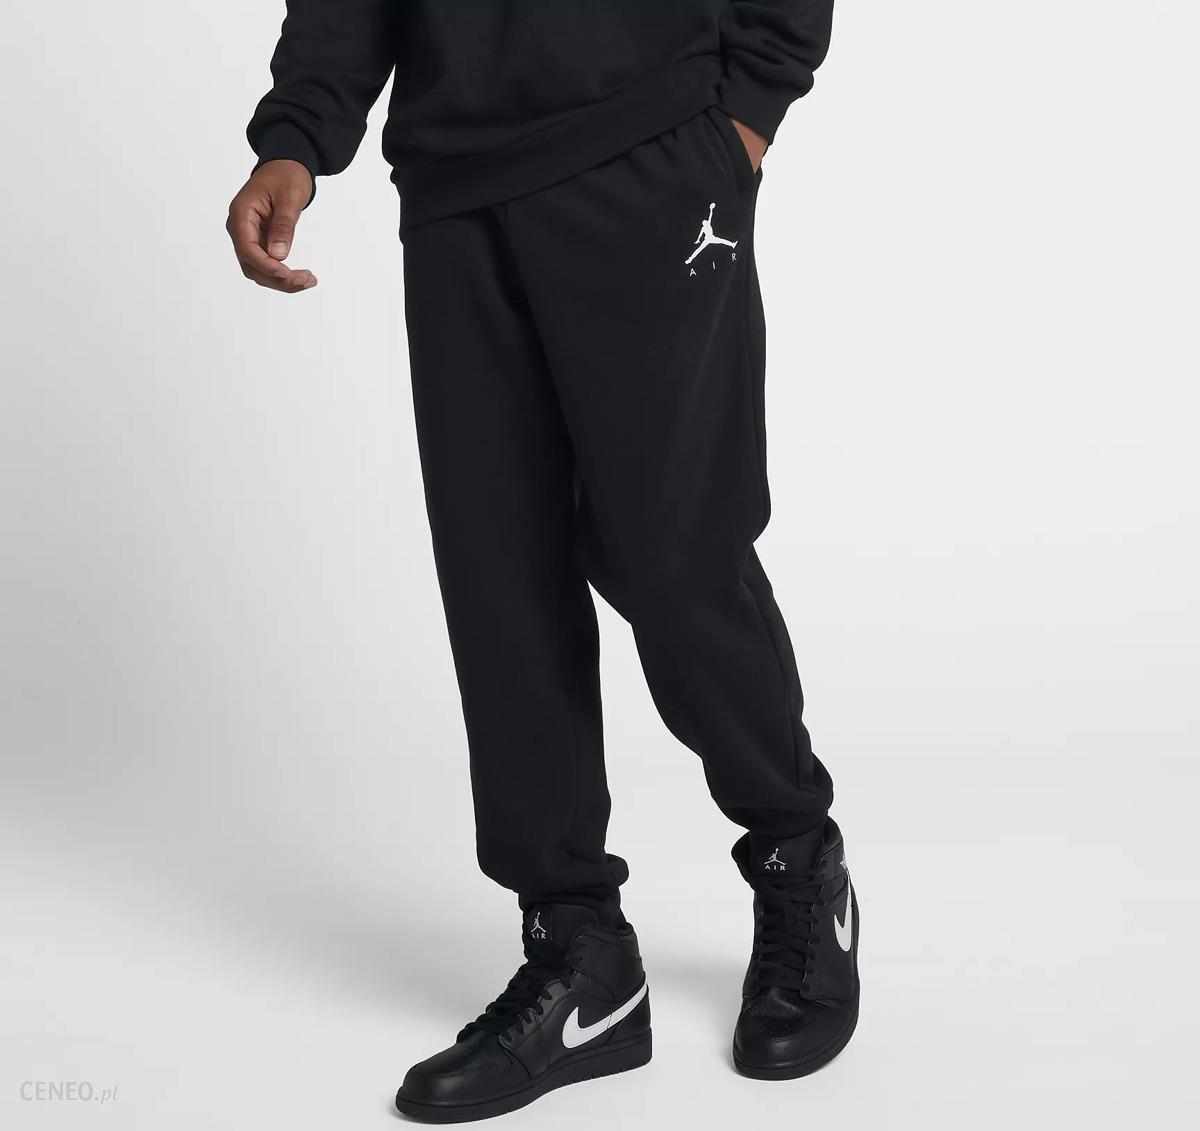 Spodnie dresowe Air Jordan Fleece Pant 940172 010 Ceny i opinie Ceneo.pl